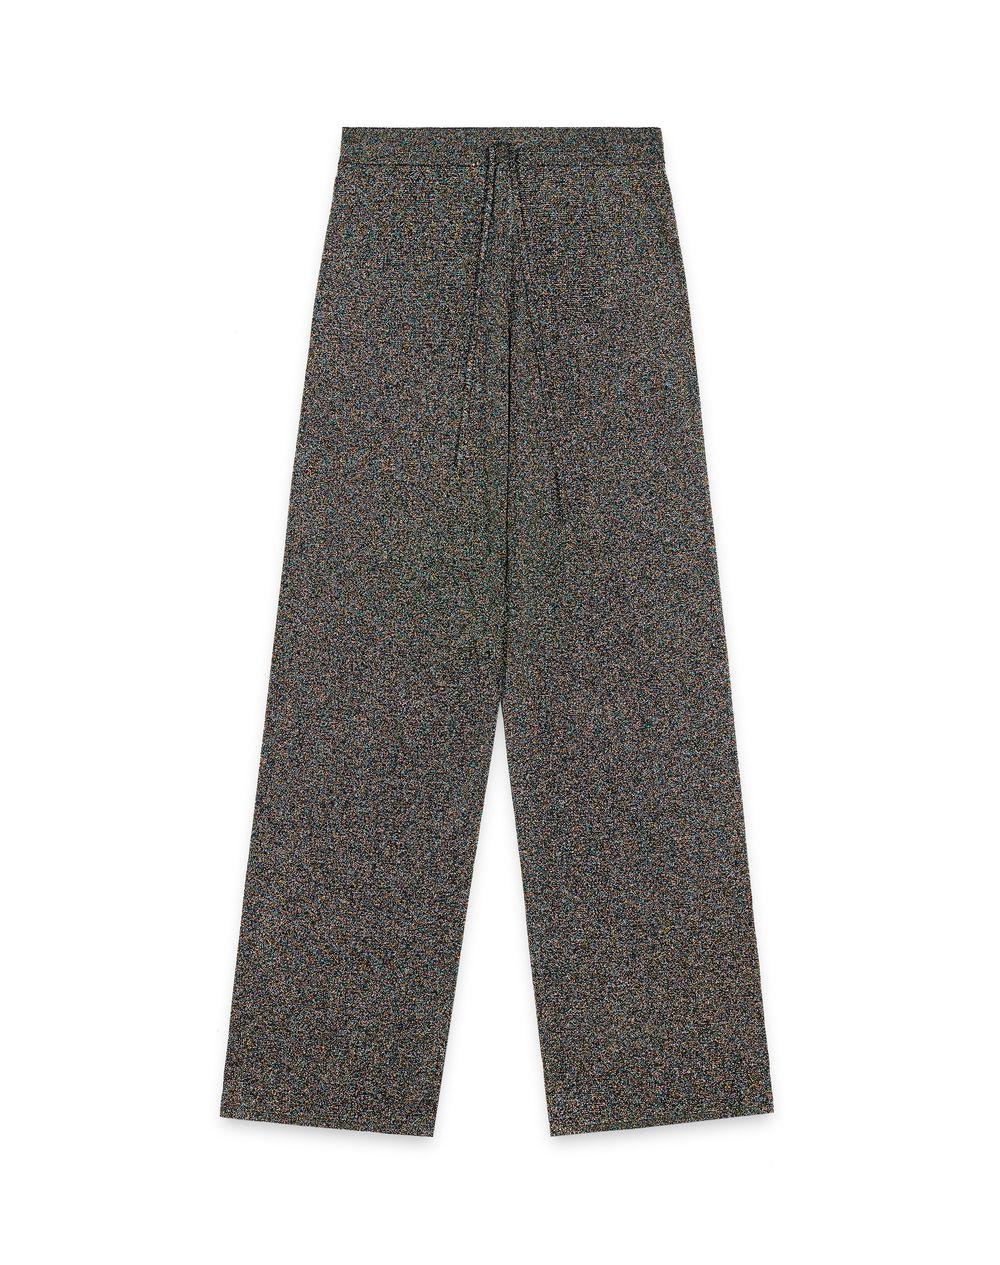 ルレックス製パンツ - Lanvin